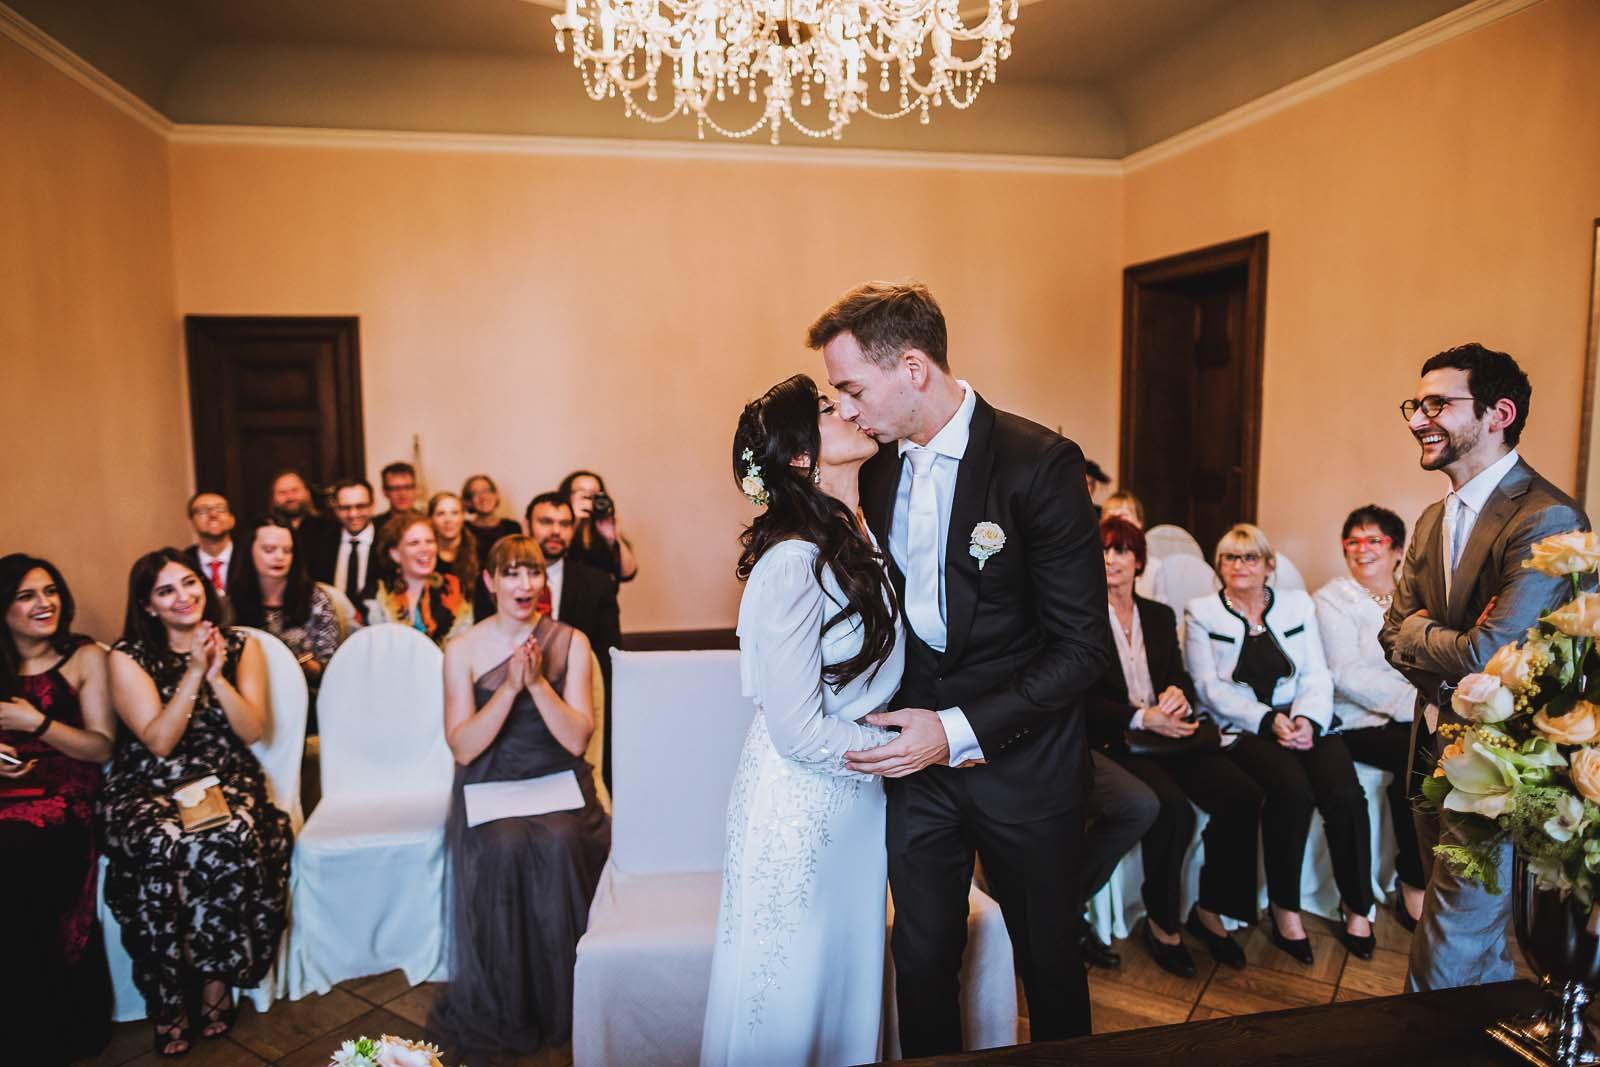 Brautpaar beim Kuss im Schloss Kartzow Hochzeitsreportage Copyright by Hochzeitsfotograf www.berliner-hochzeitsfotografie.de